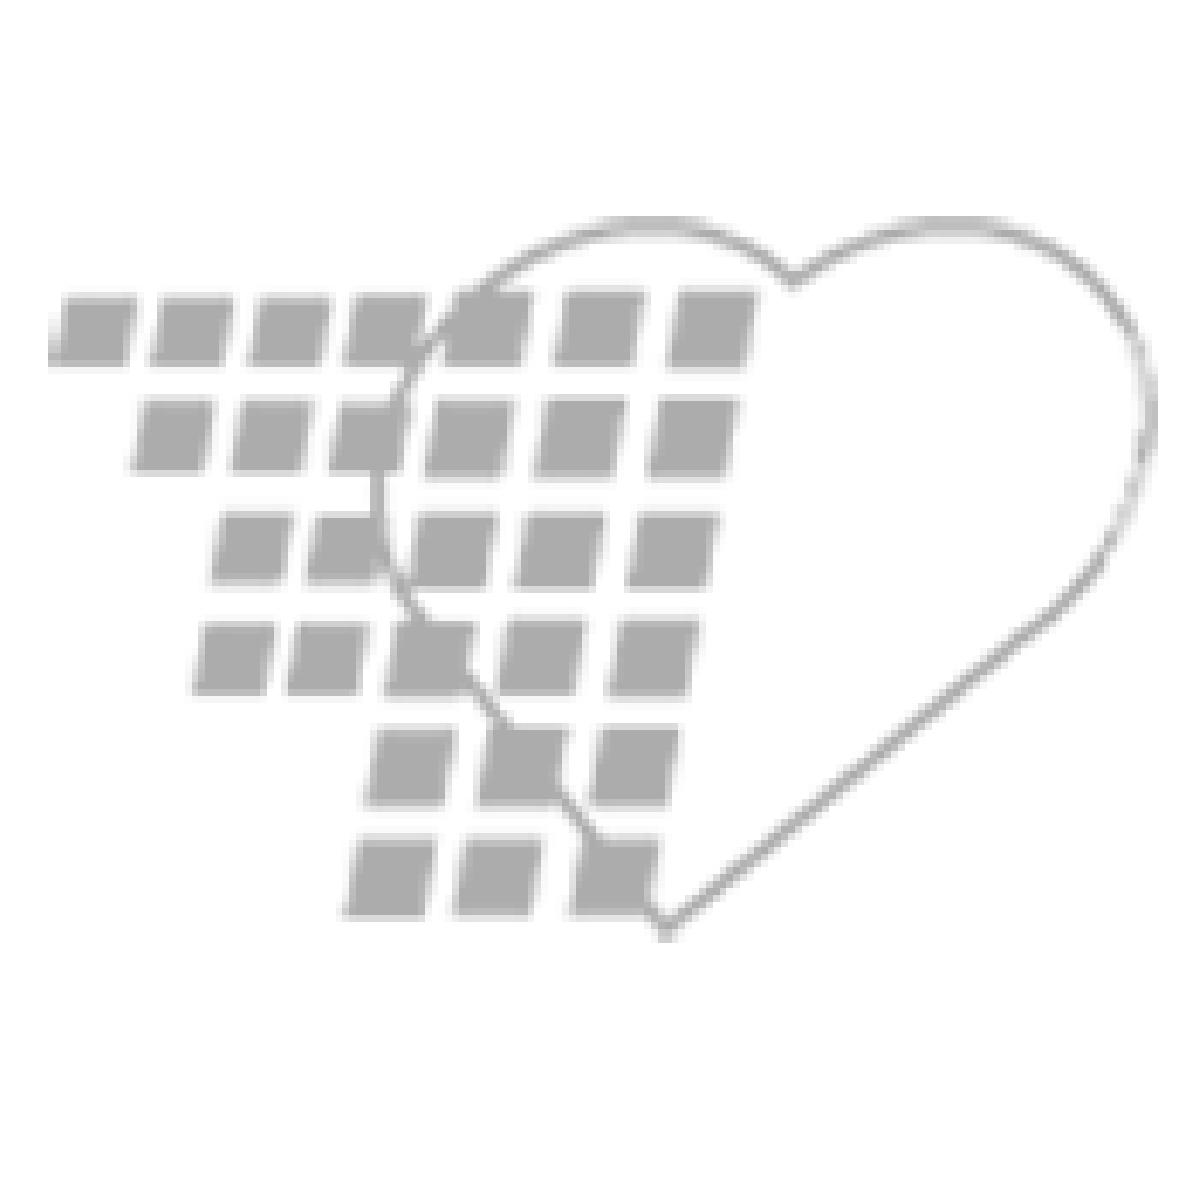 06-93-1503 - Demo Dose® Simulated Ipratropium Bromide 0.02%